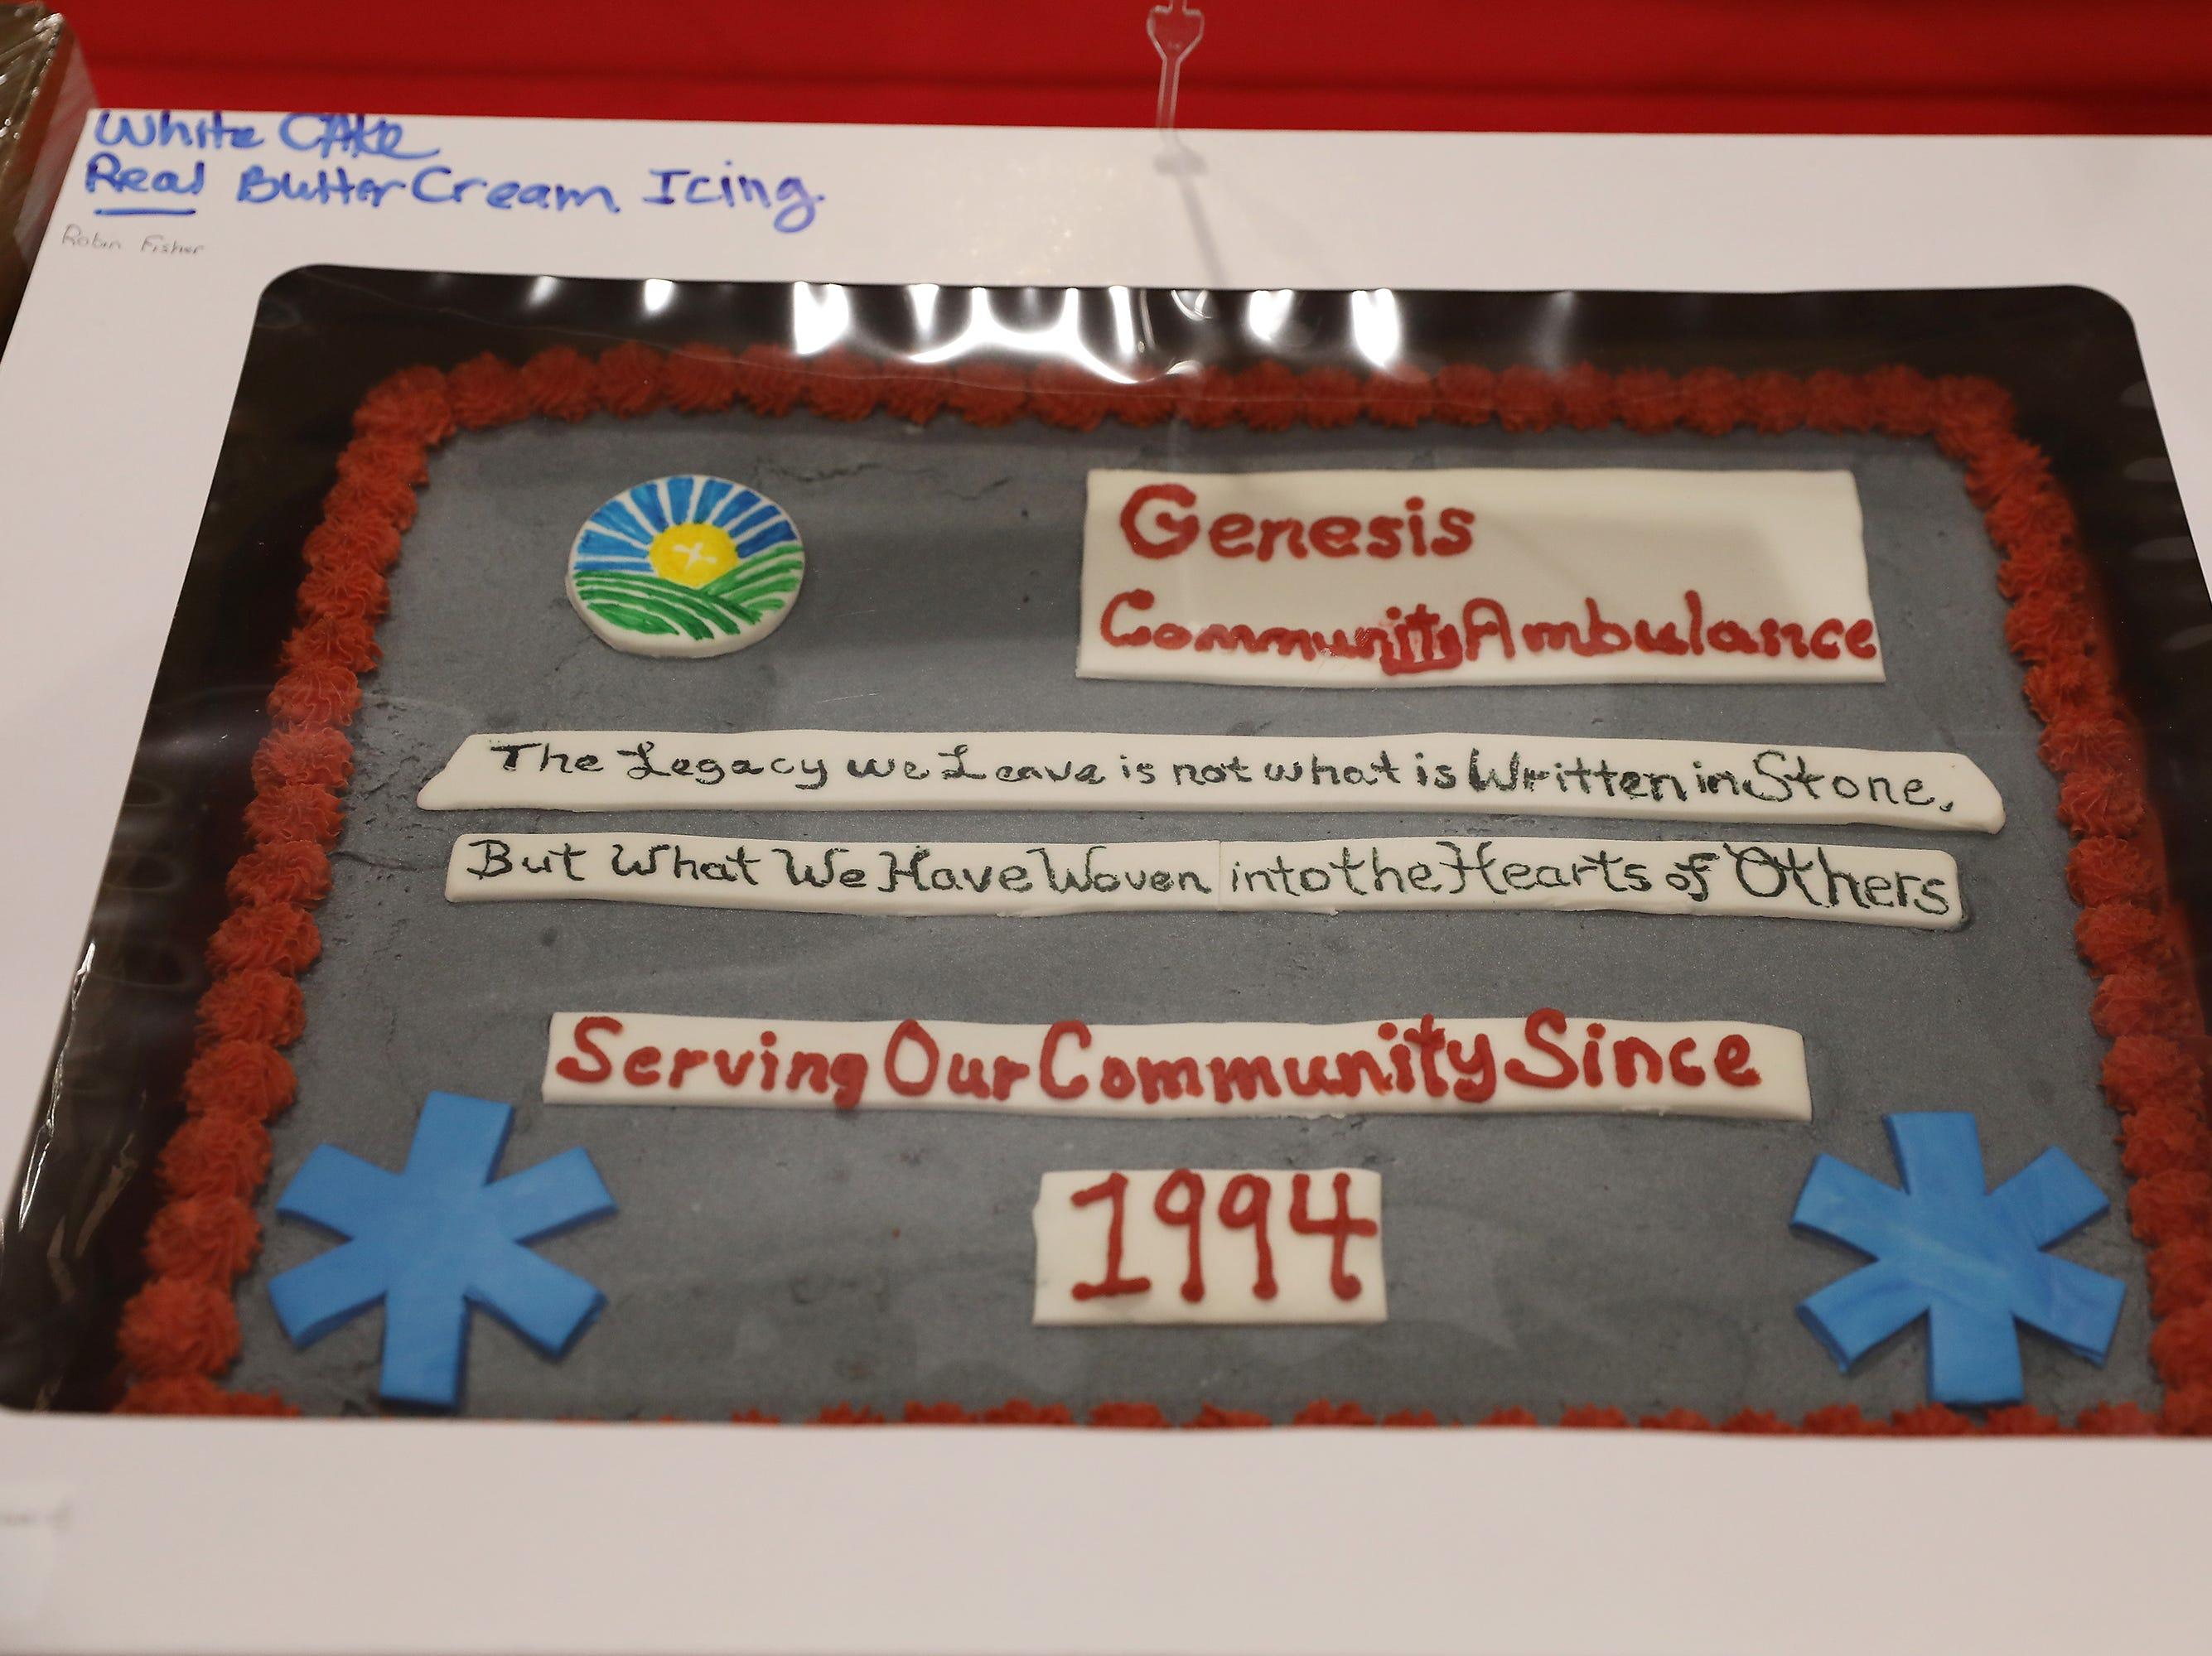 1:30 P.M. Friday cake 315 Genesis Community Ambulance.